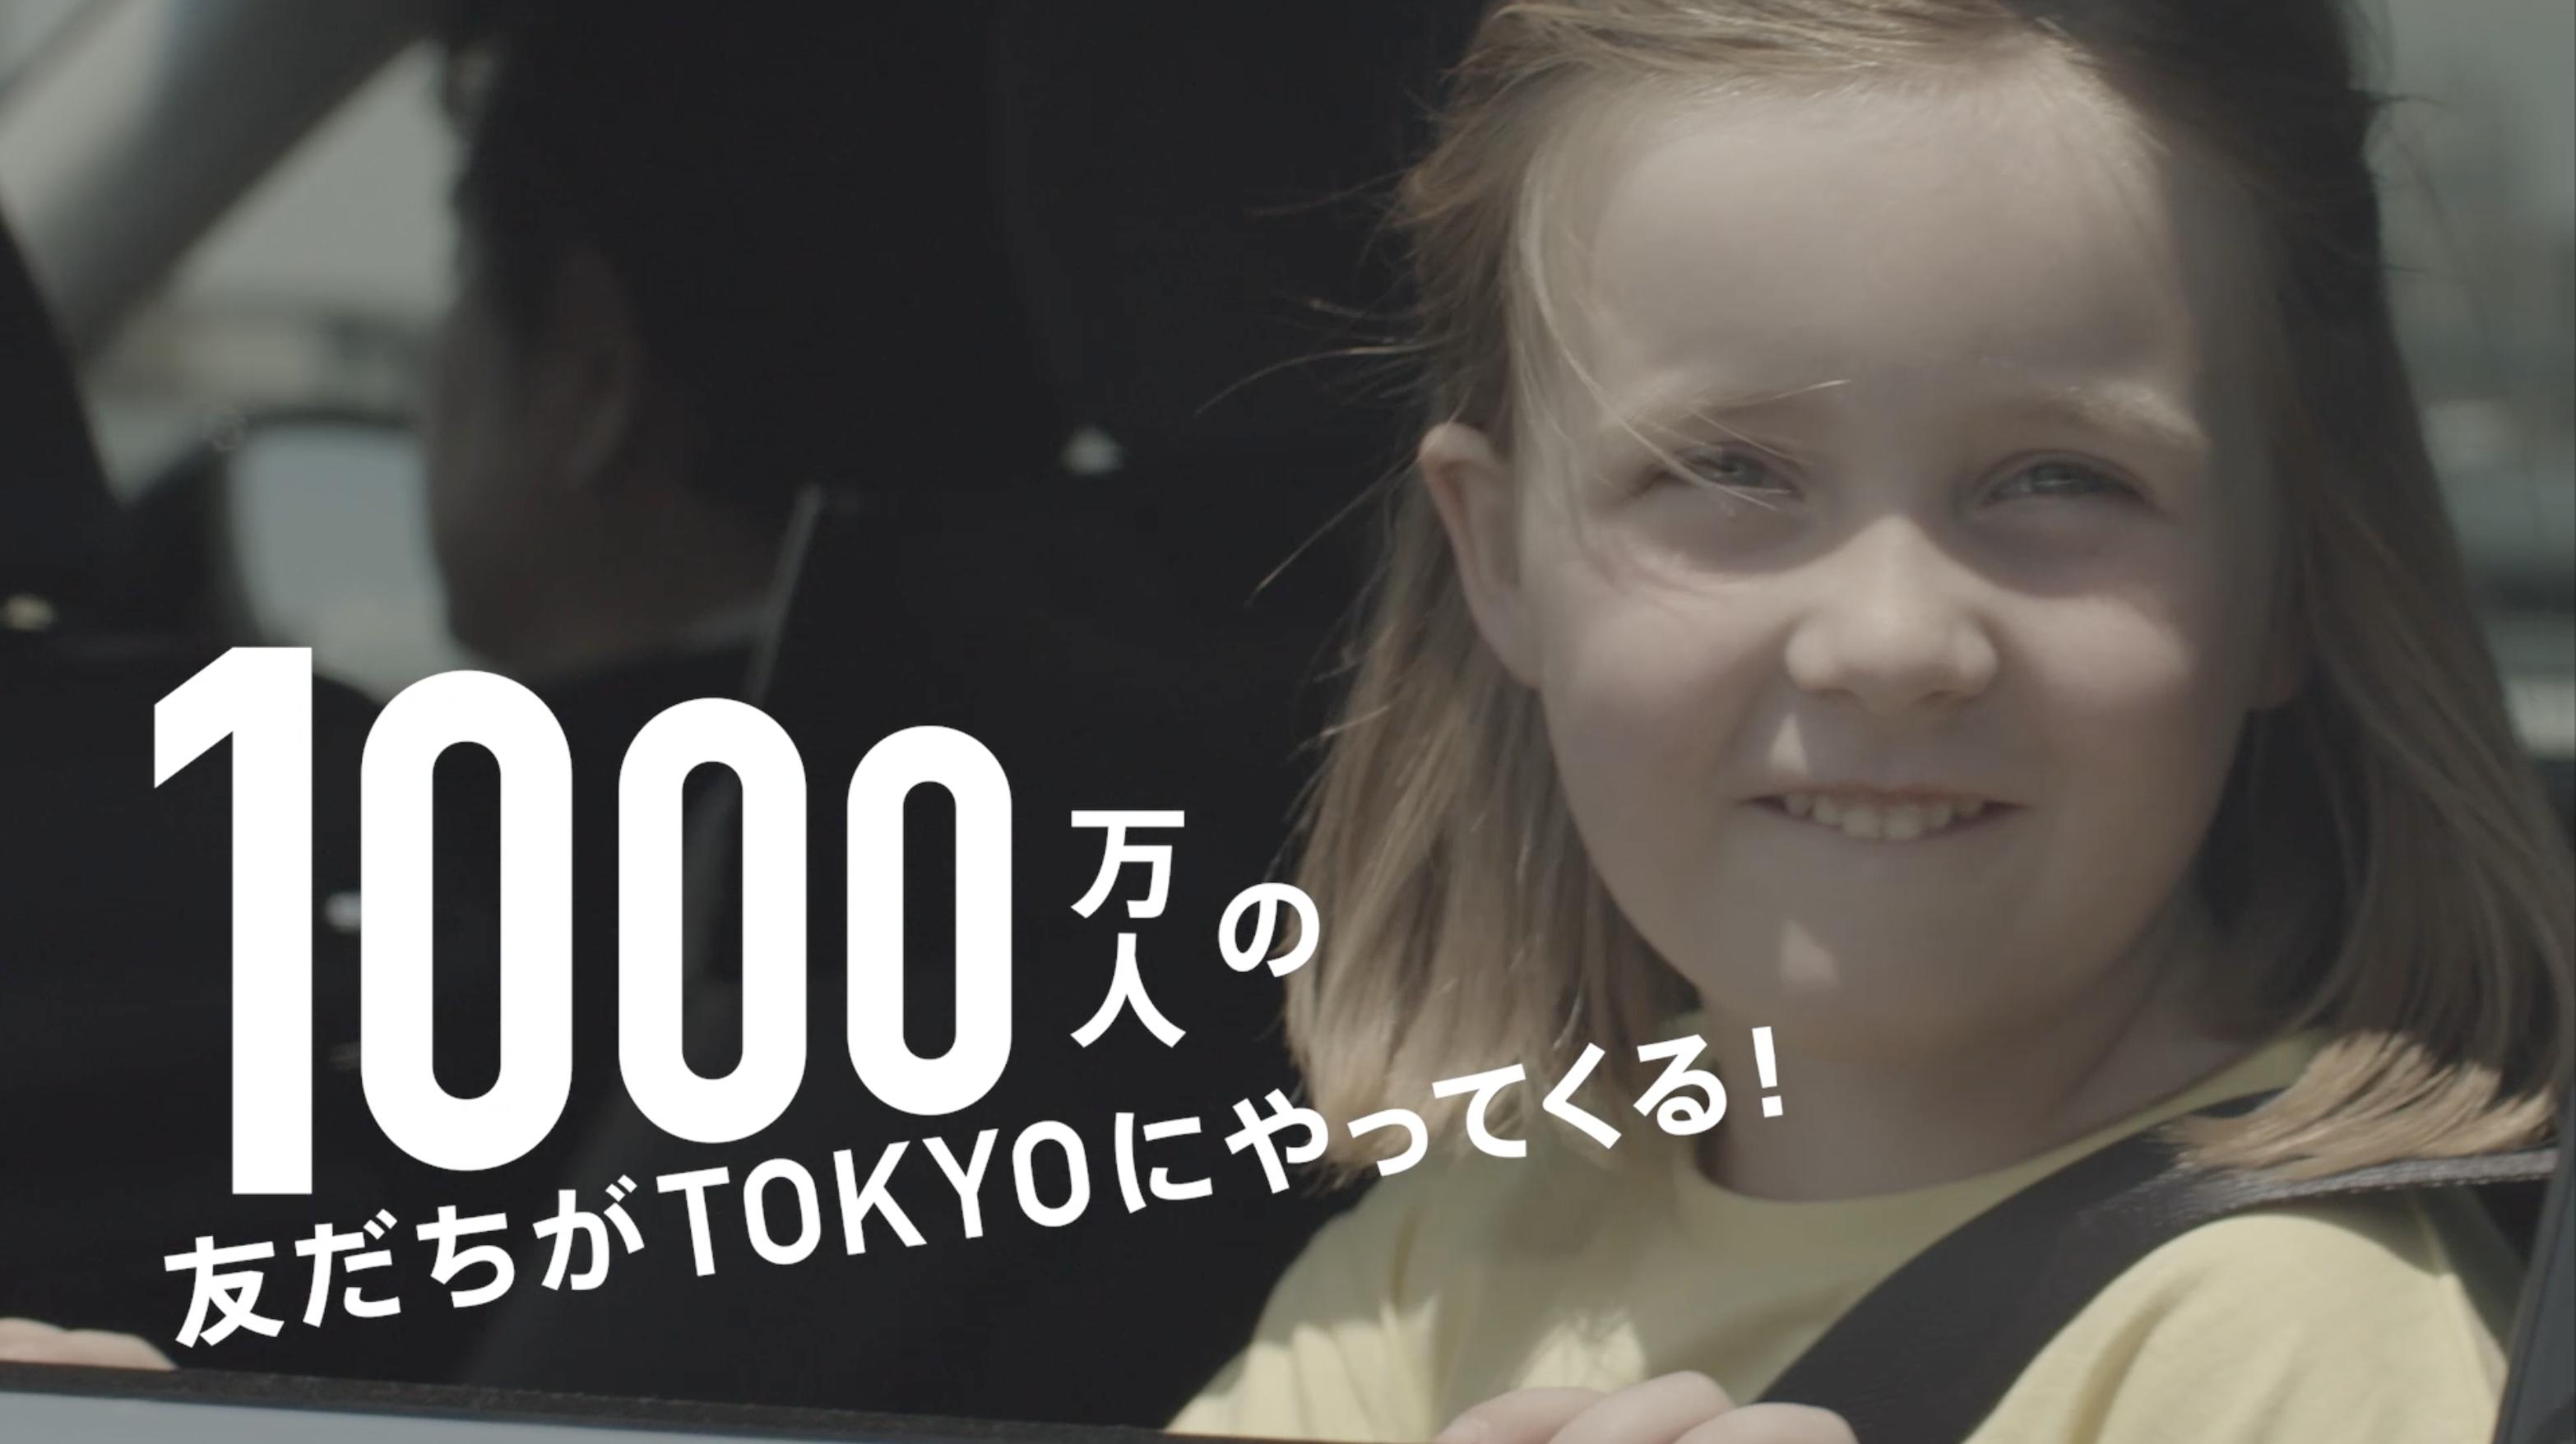 東京商工会議所 1000万人の友達が東京にやってくる編